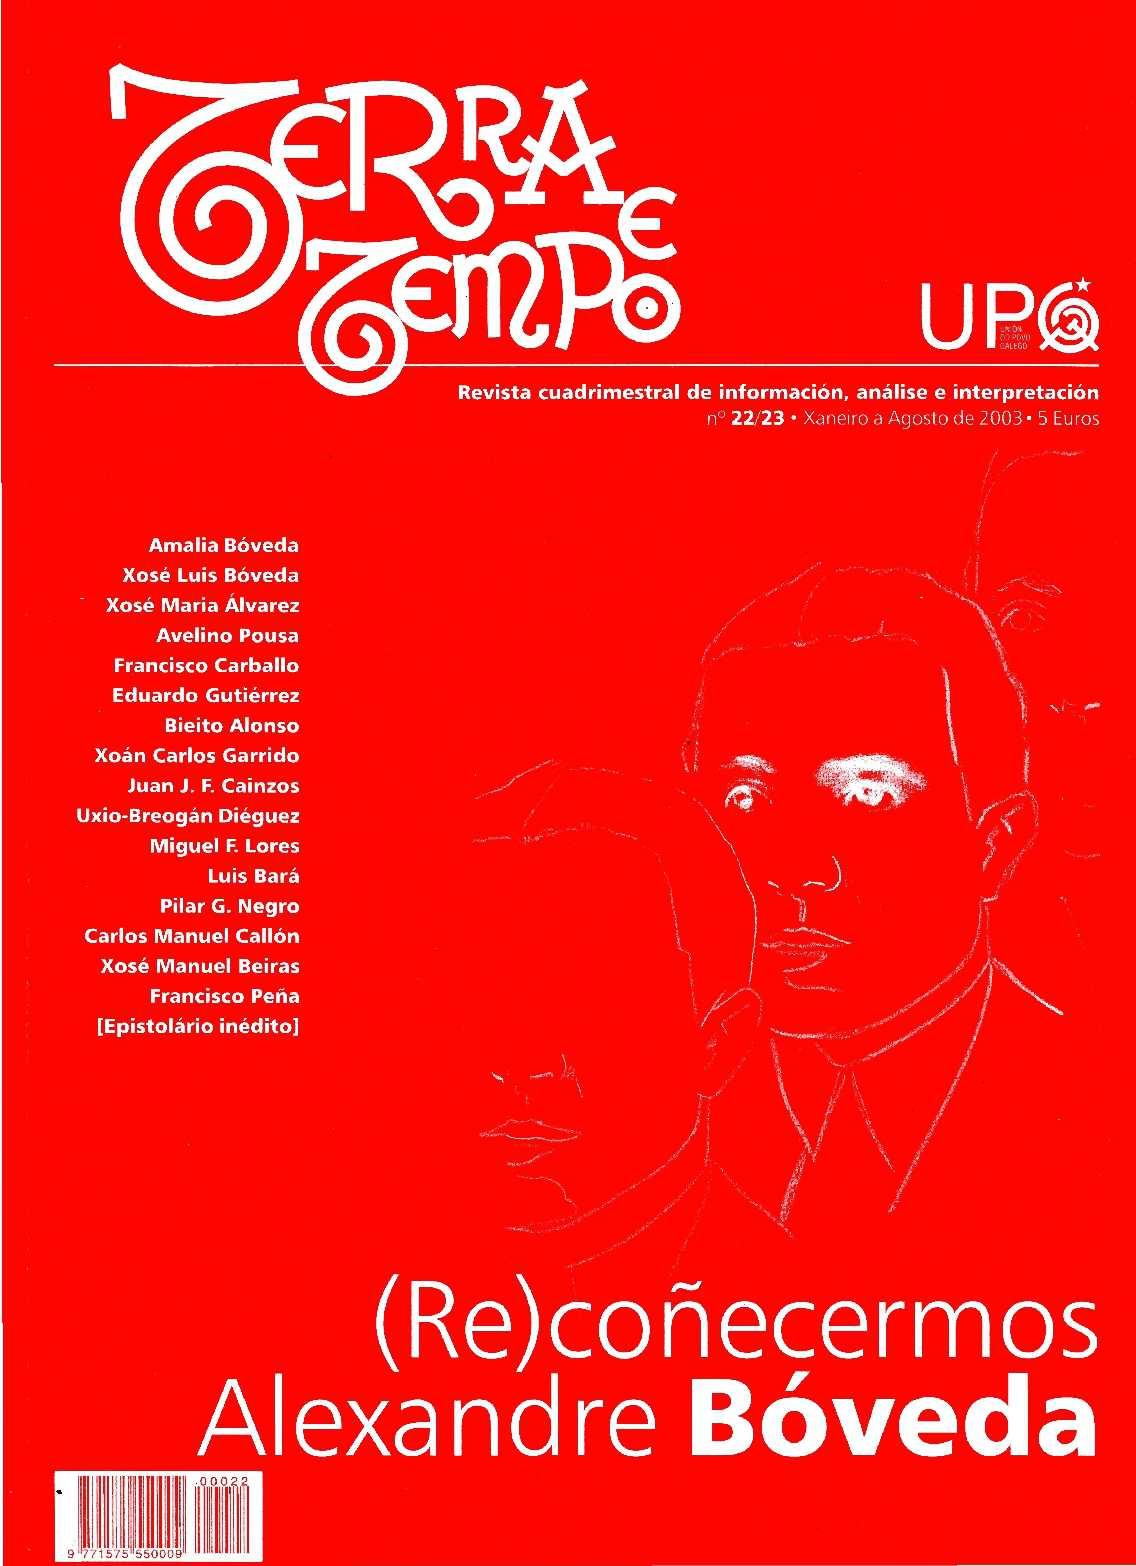 Terra e Tempo nº 22-23 (Xaneiro a Agosto de 2003)